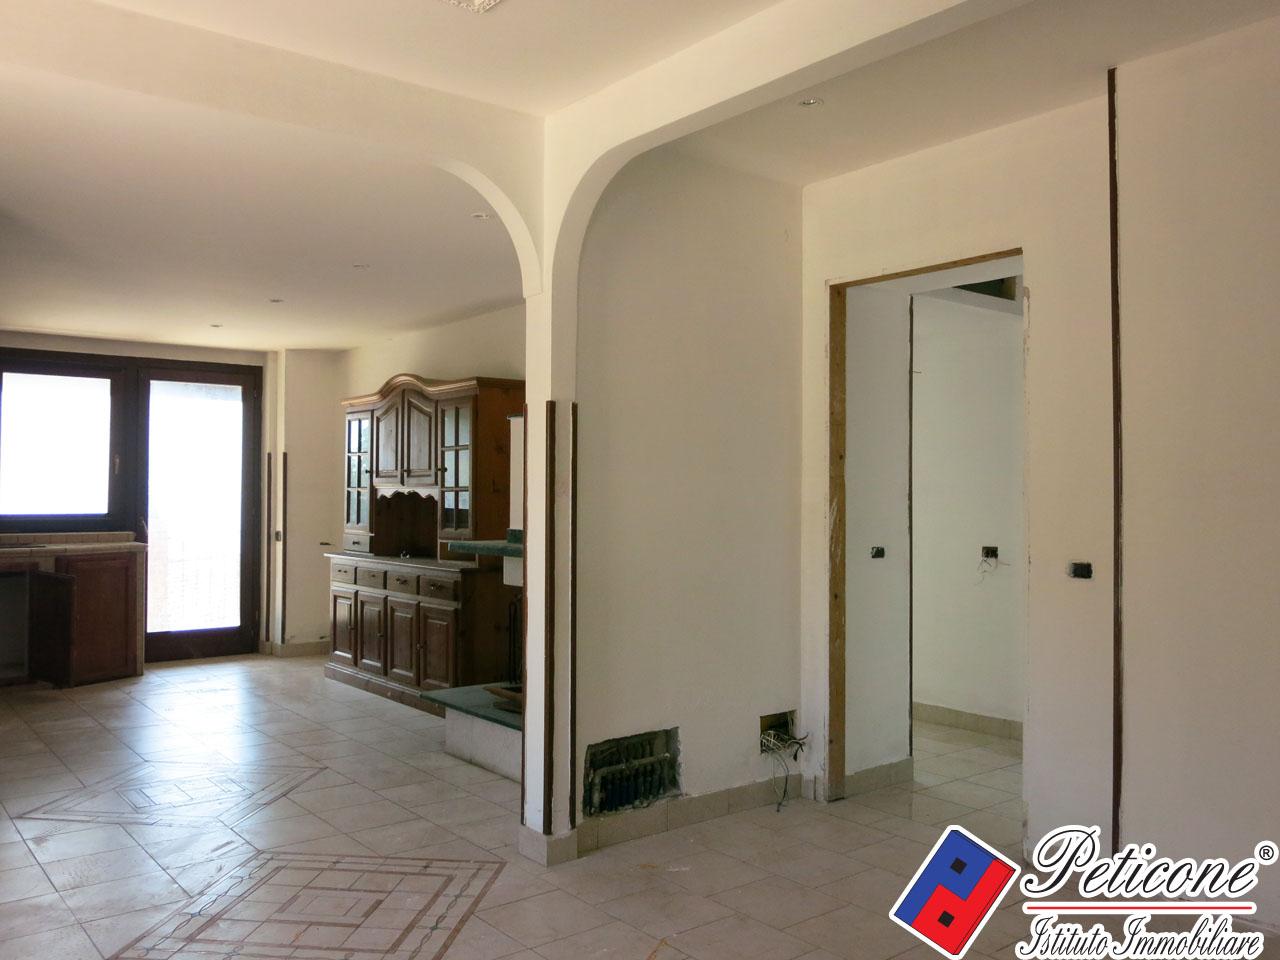 Villa in Vendita a Formia: 4 locali, 90 mq - Foto 7